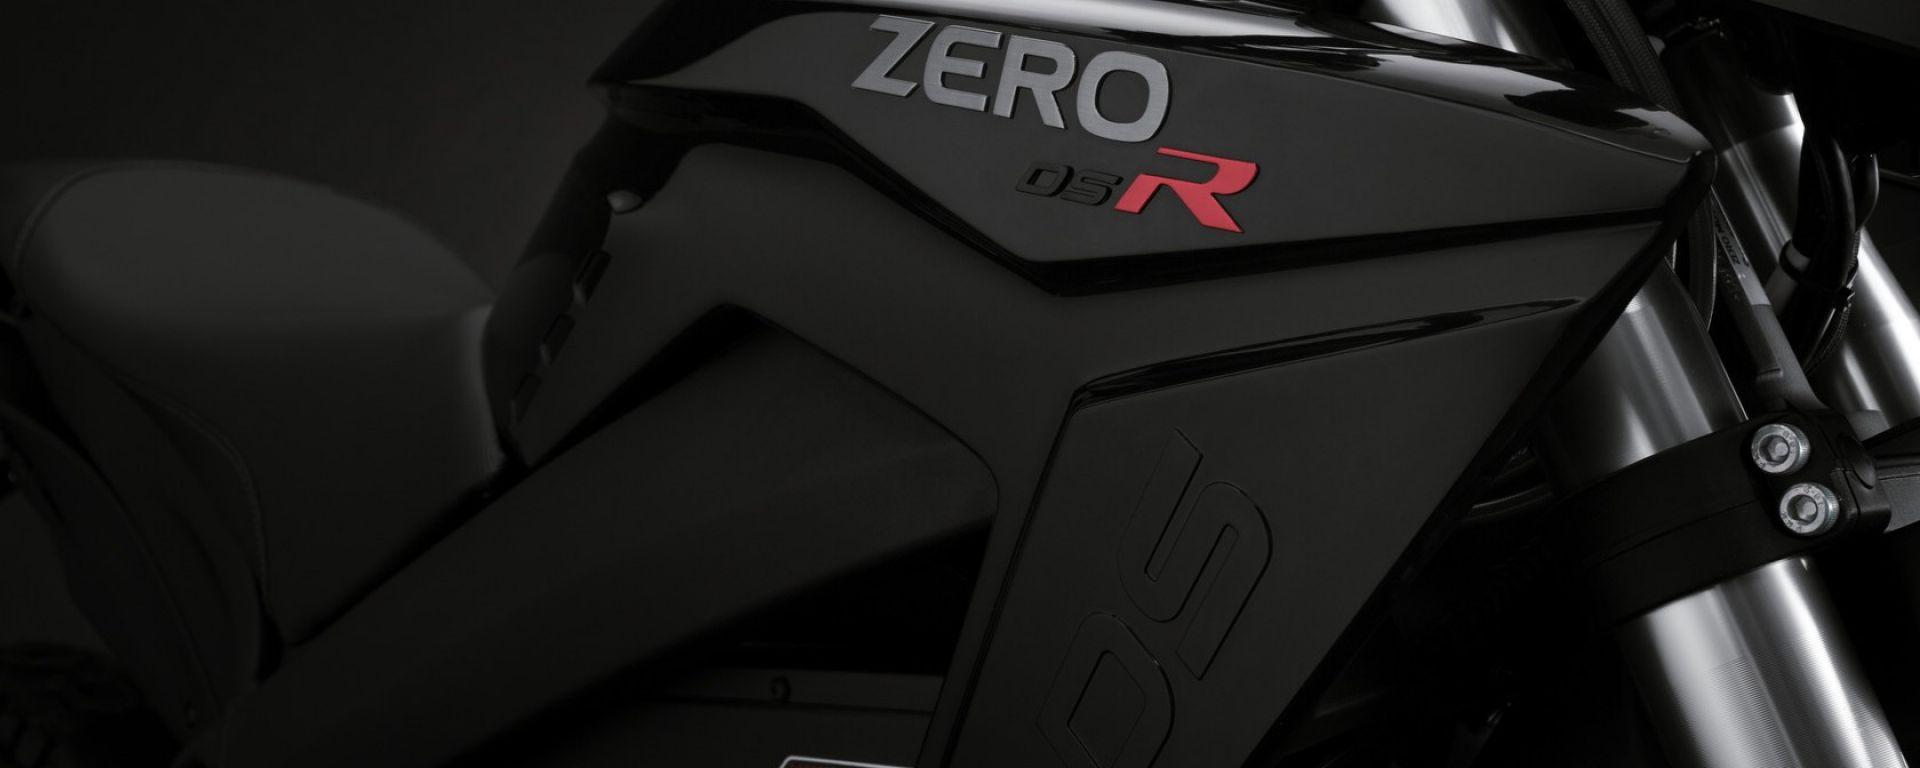 Zero DSR e Zero FXS 2016